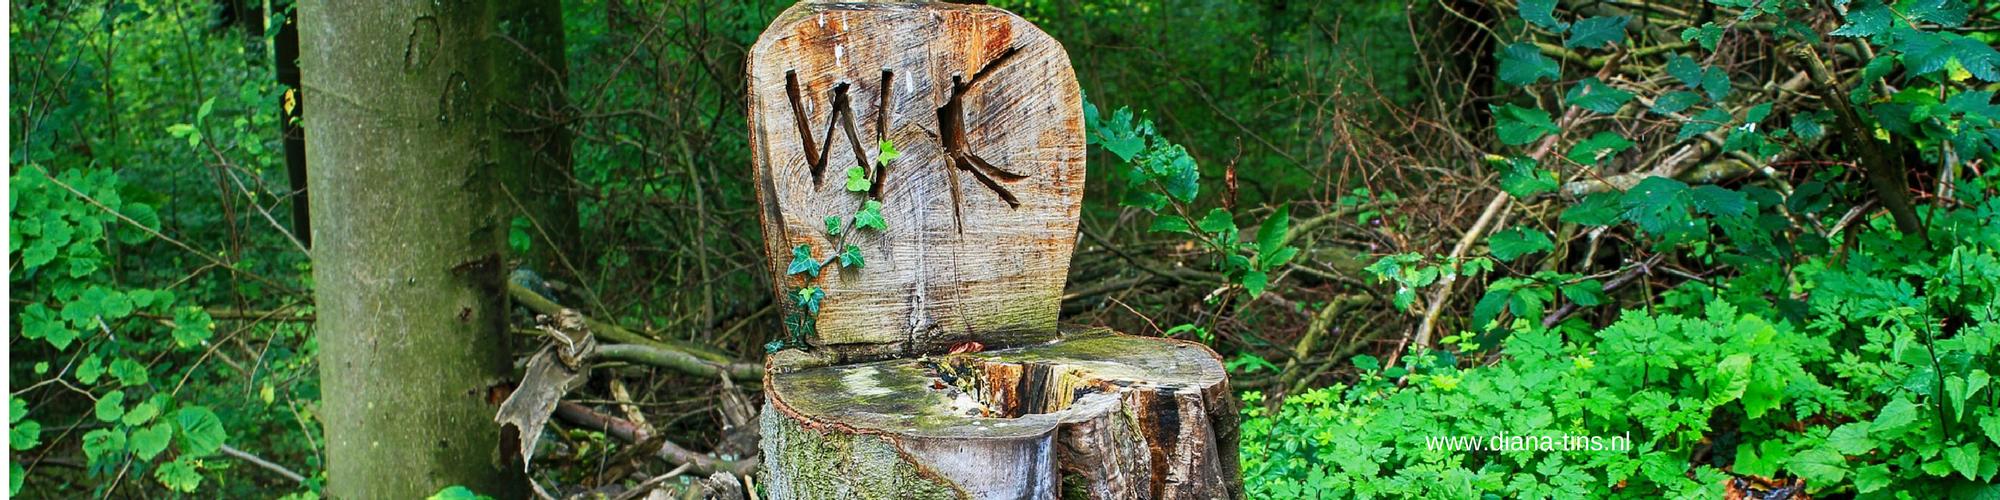 Natuurlijke wc reiniger [DIY Tip]